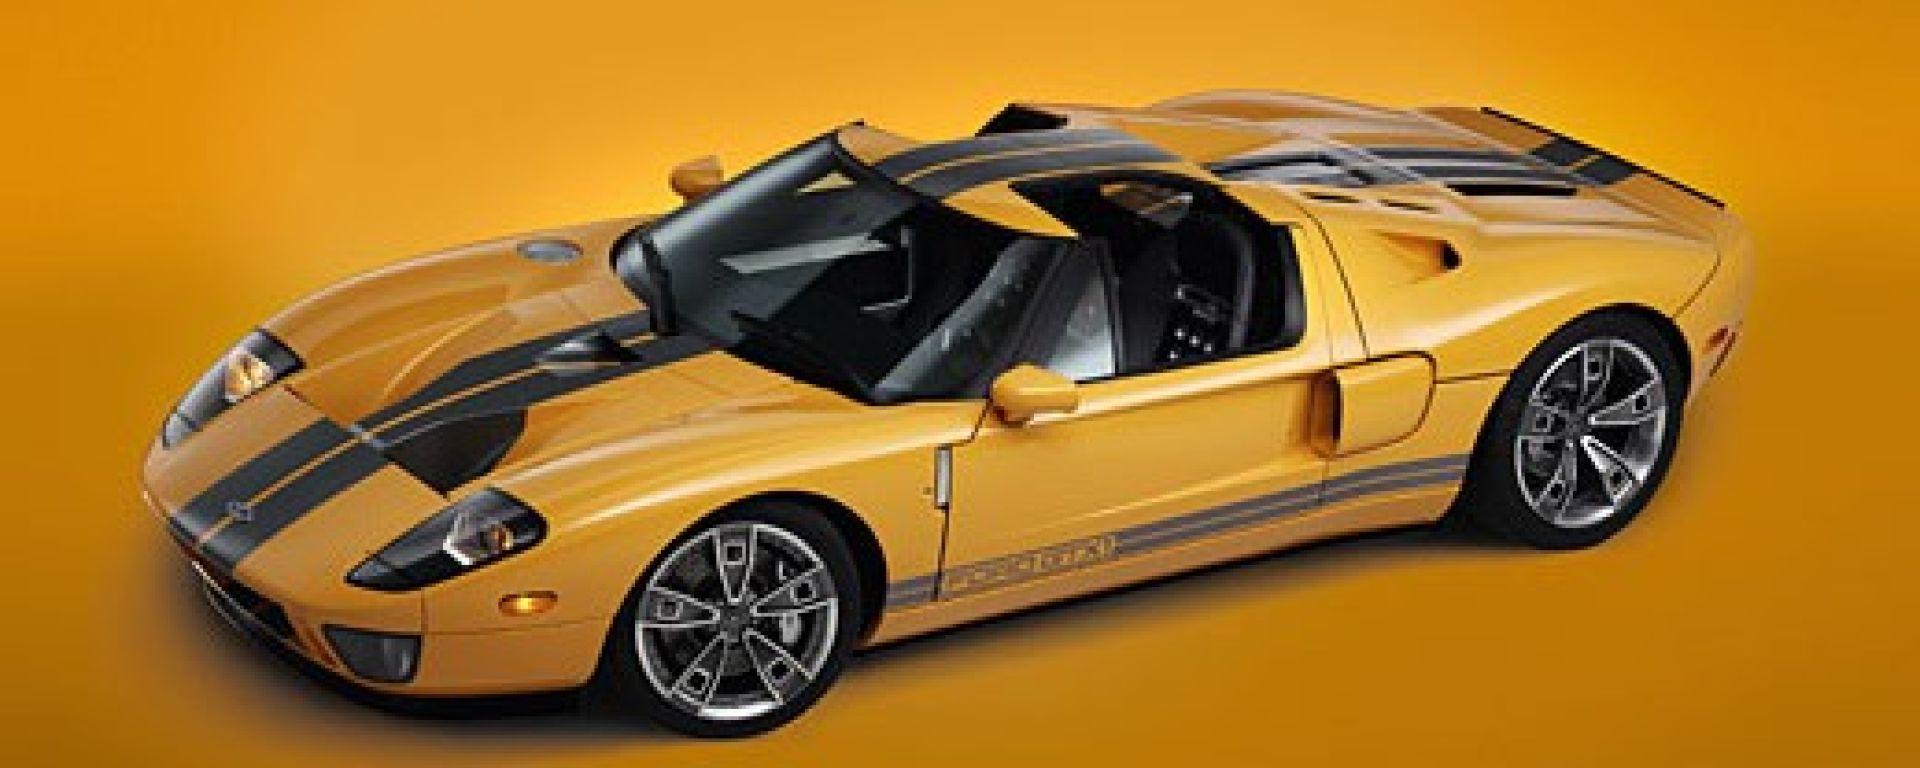 Ford GTX1